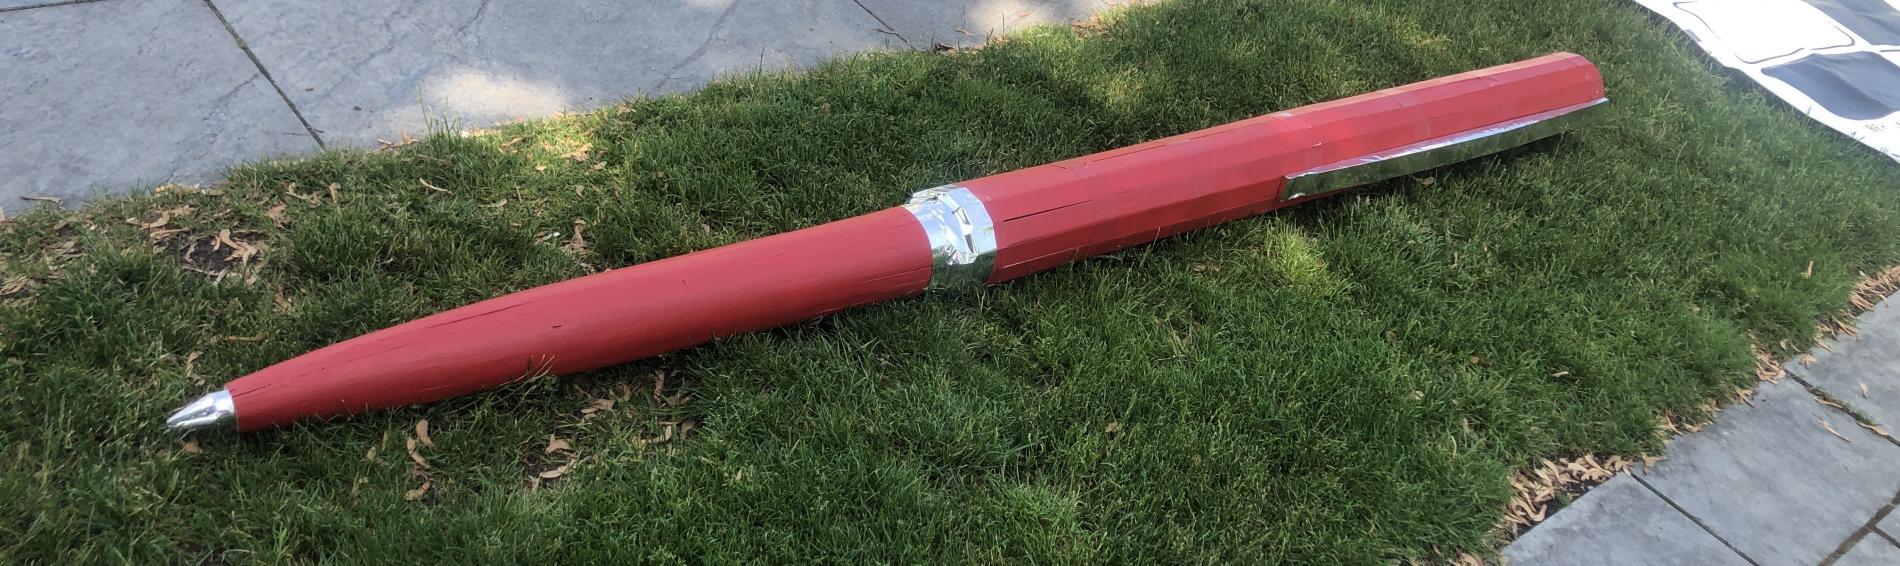 Ein großer roter Kugelschreiber liegt auf einem Stück Rasen vor dem Kanzleramt